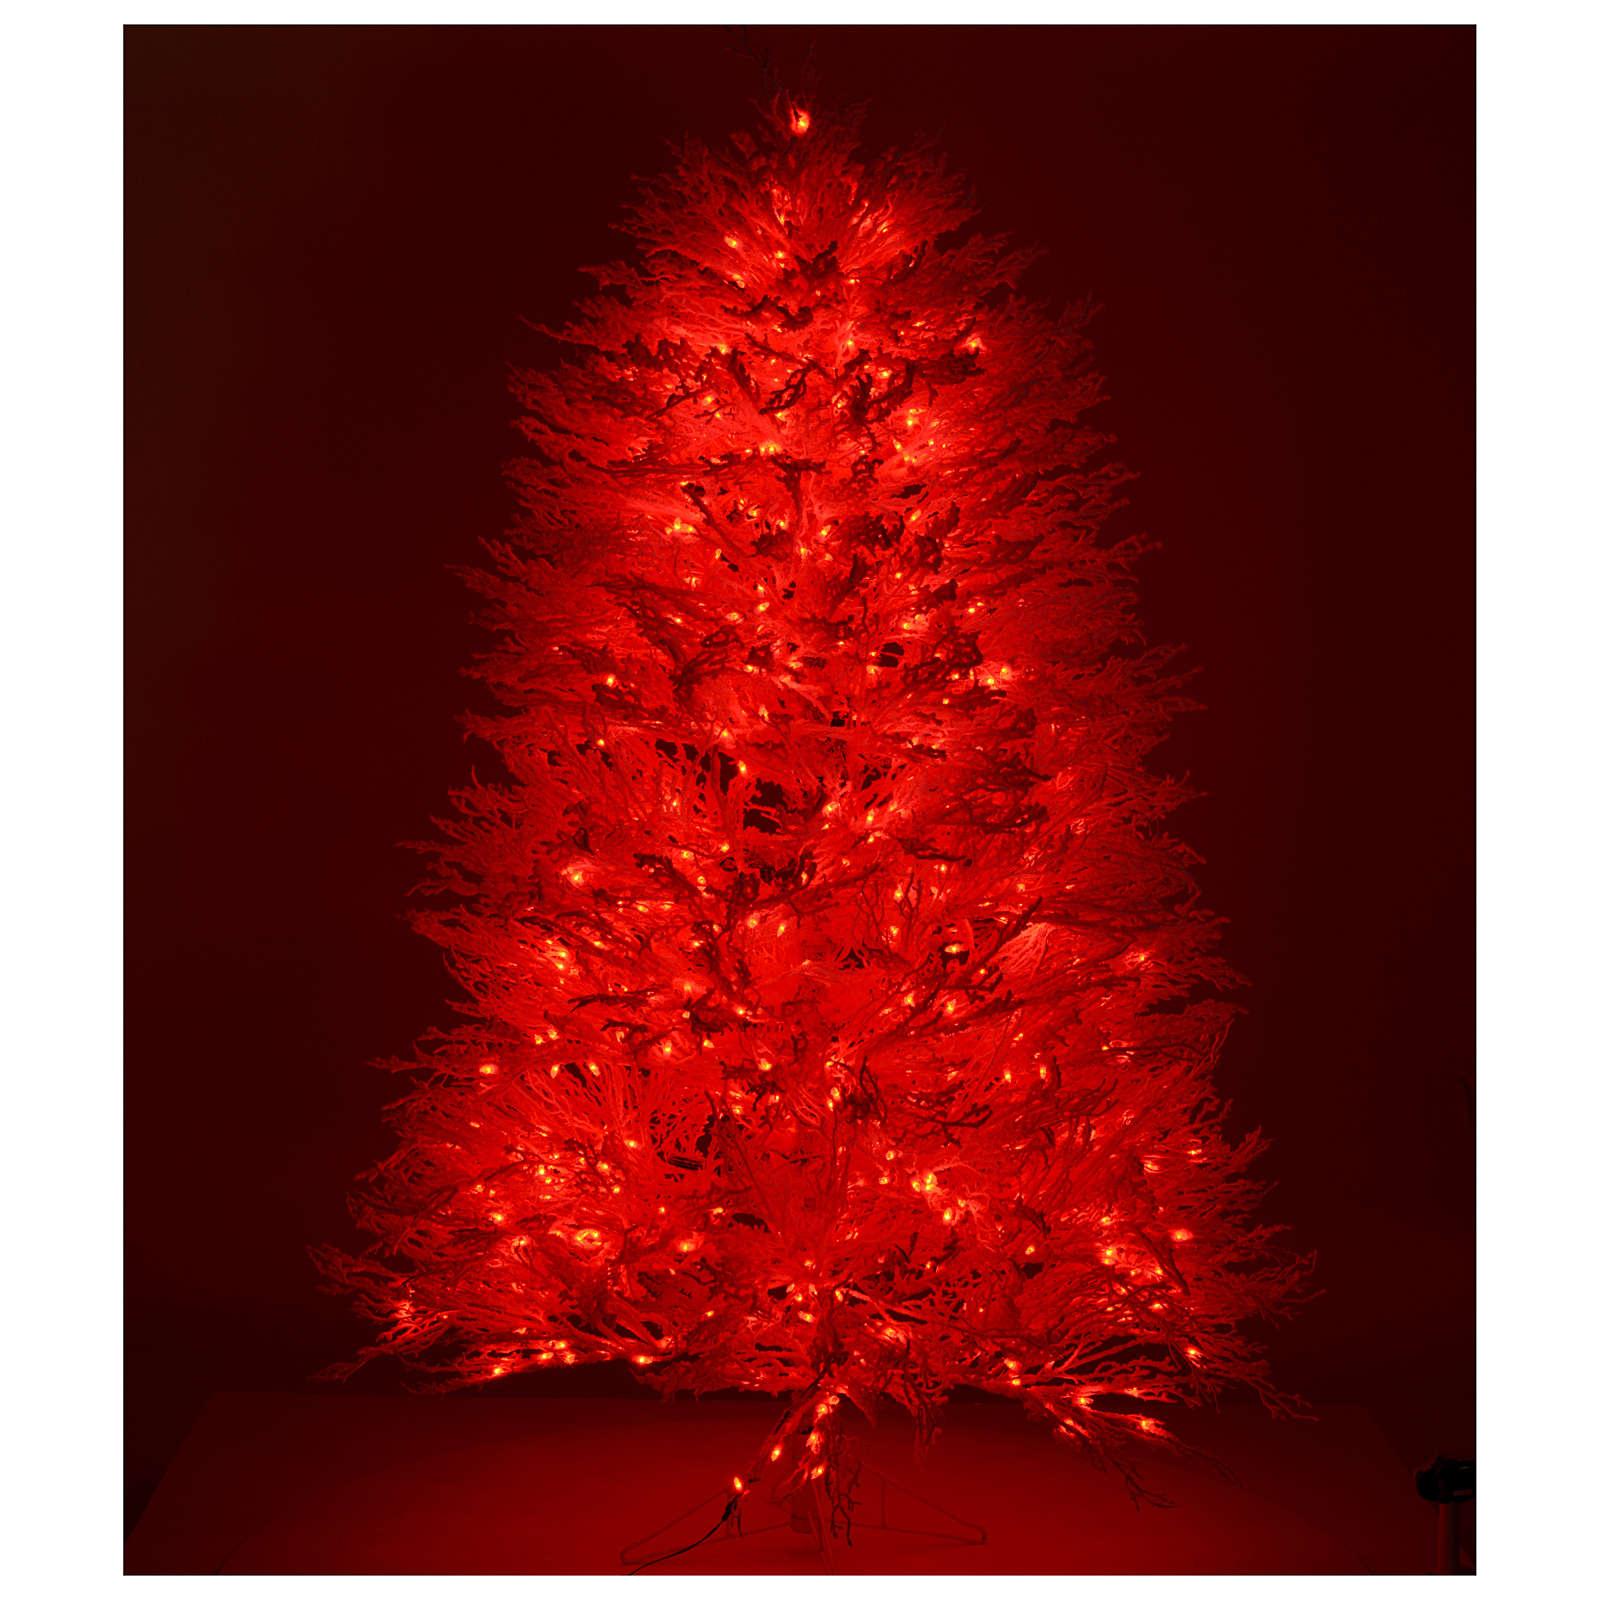 weisser weihnachtsbaum 210cm mit schnee 700 led mod winter online verfauf auf holyart. Black Bedroom Furniture Sets. Home Design Ideas